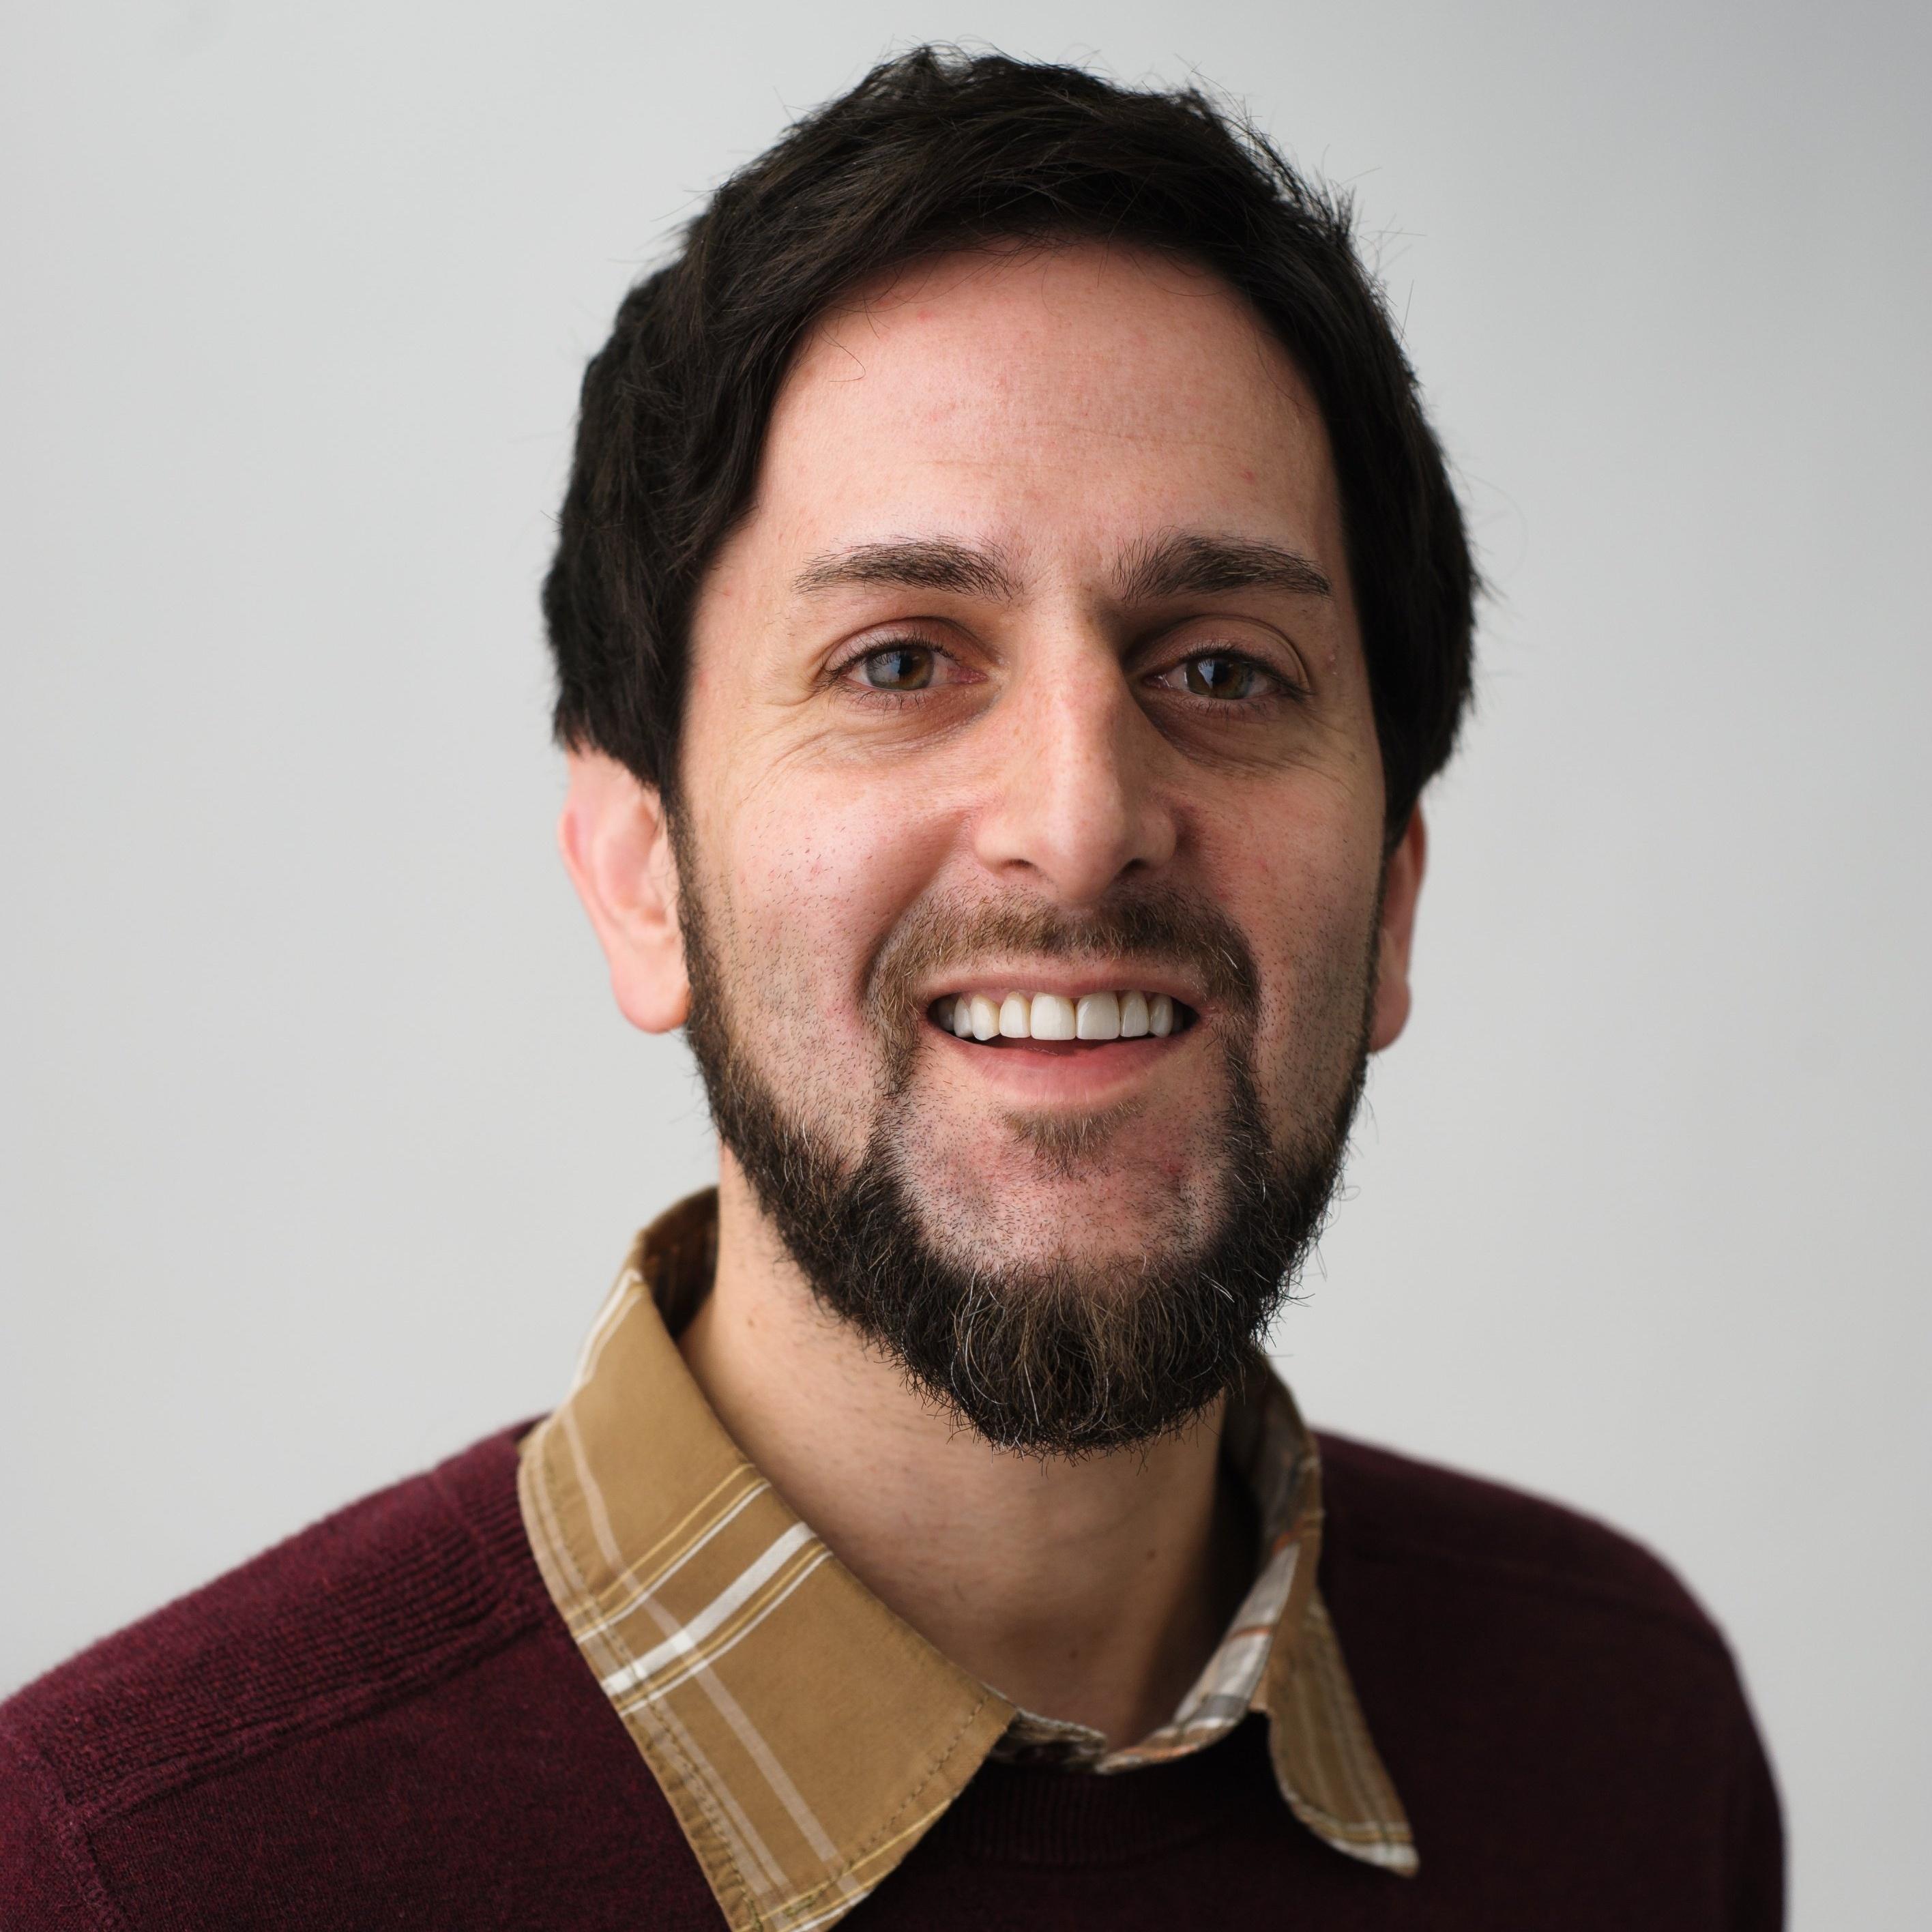 Adam Vasey Headshot.jpg